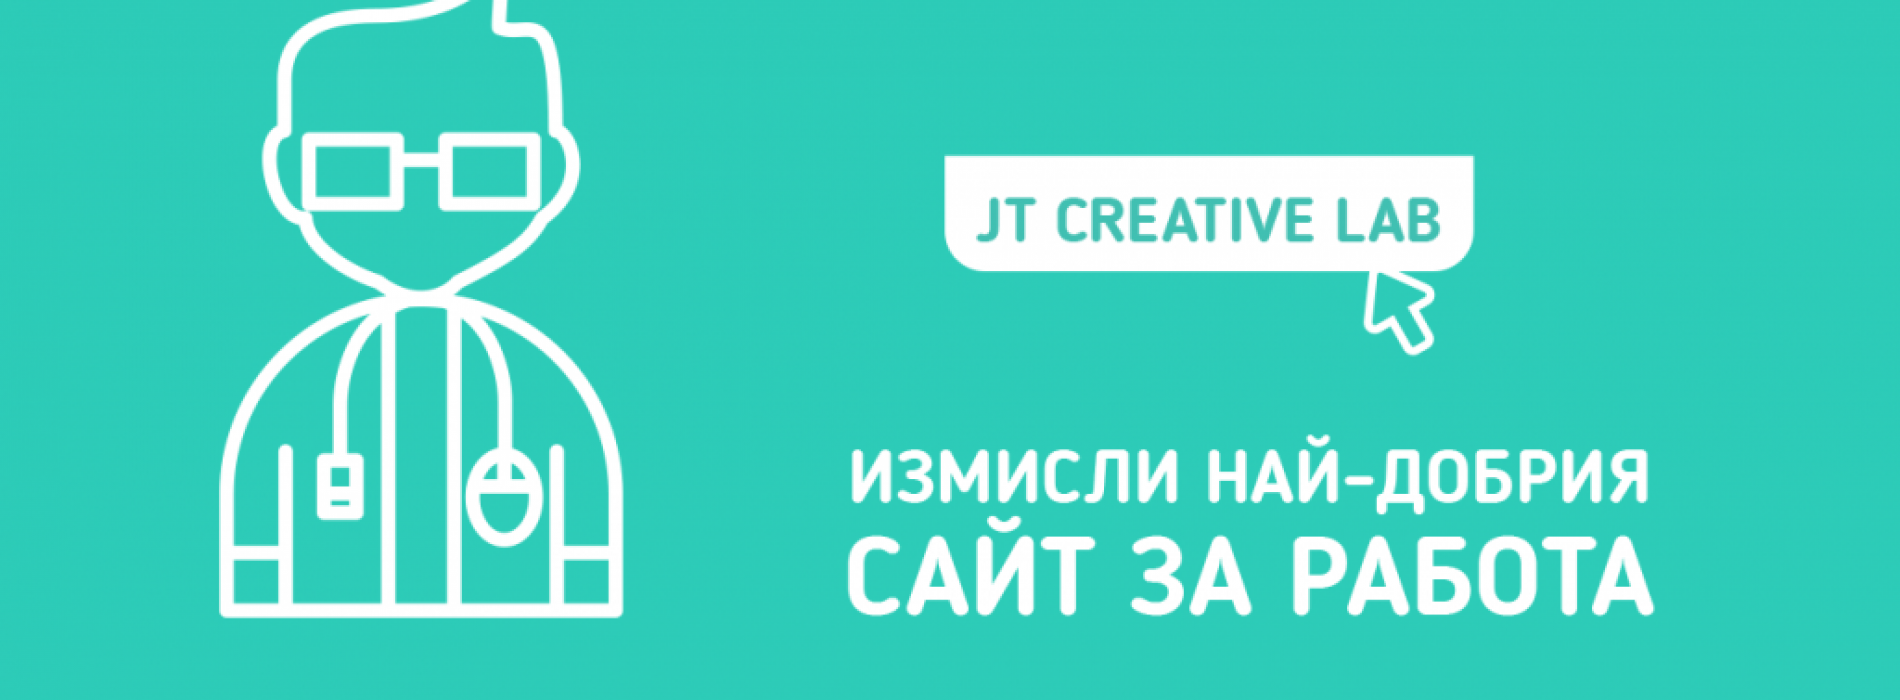 JT Creative Lab събира идеи: HR специалистите са на ход